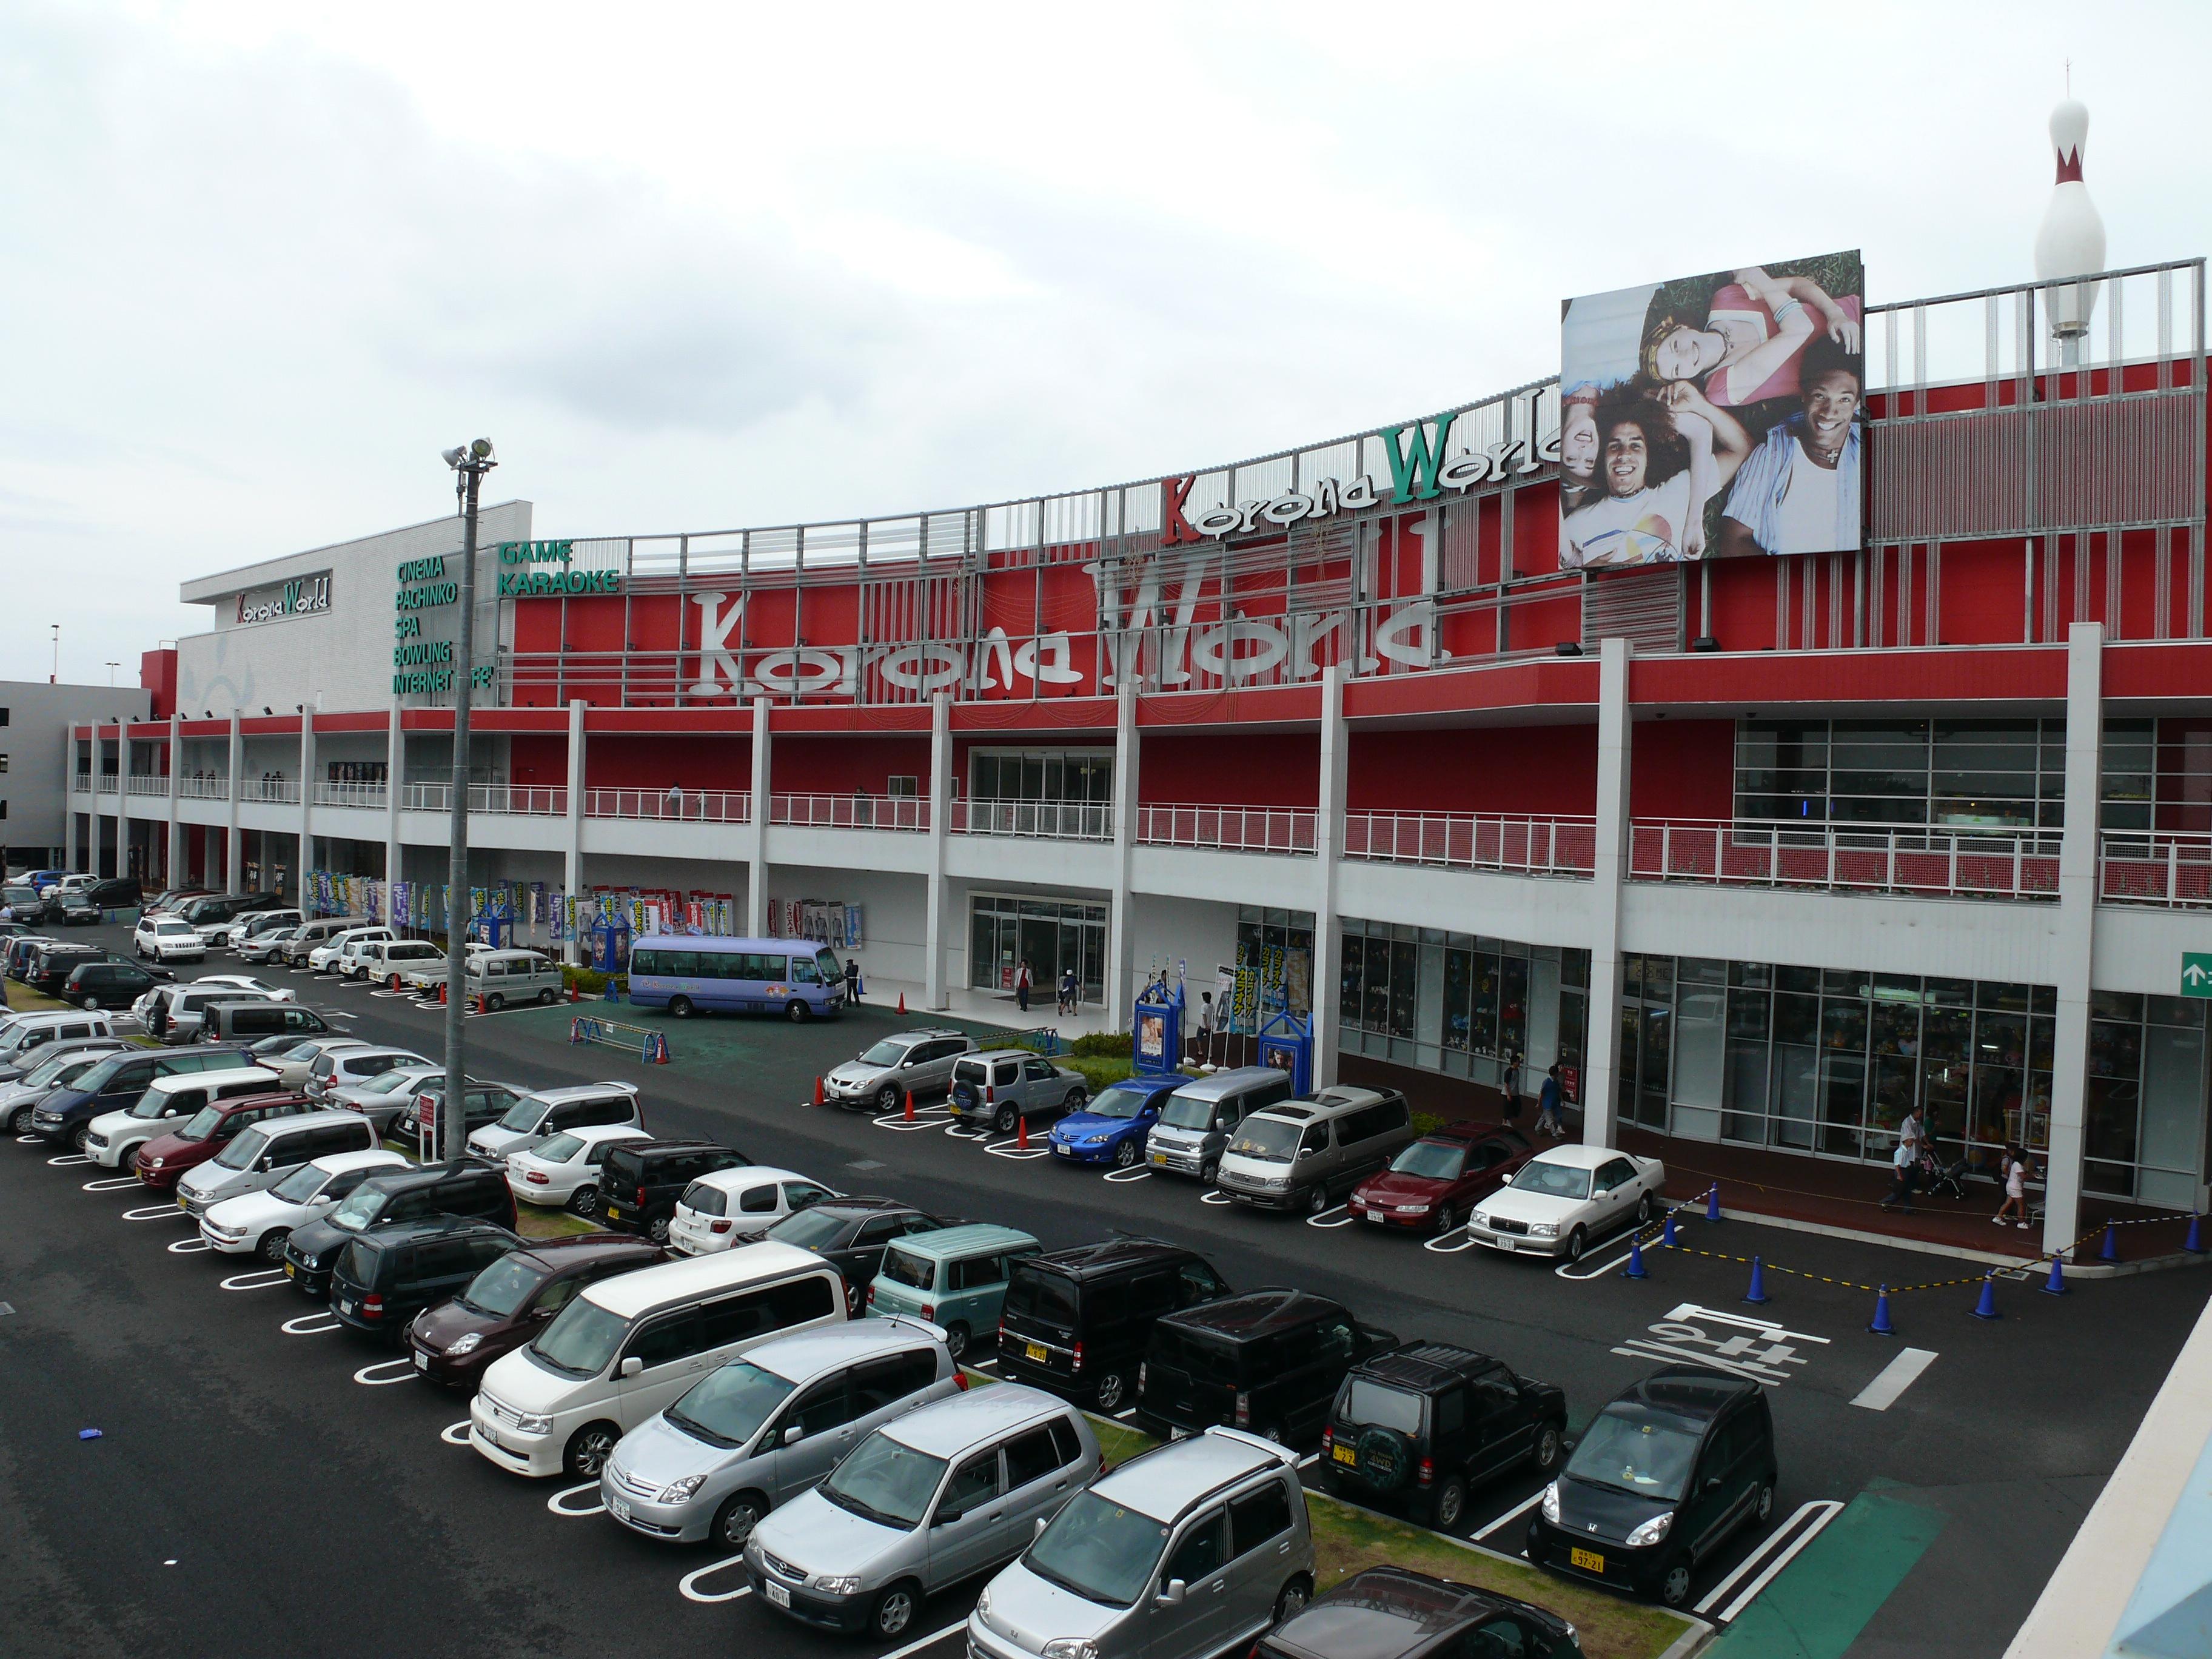 File:LOC City Ogaki Shopping Center 06.JPG - Wikimedia Commons